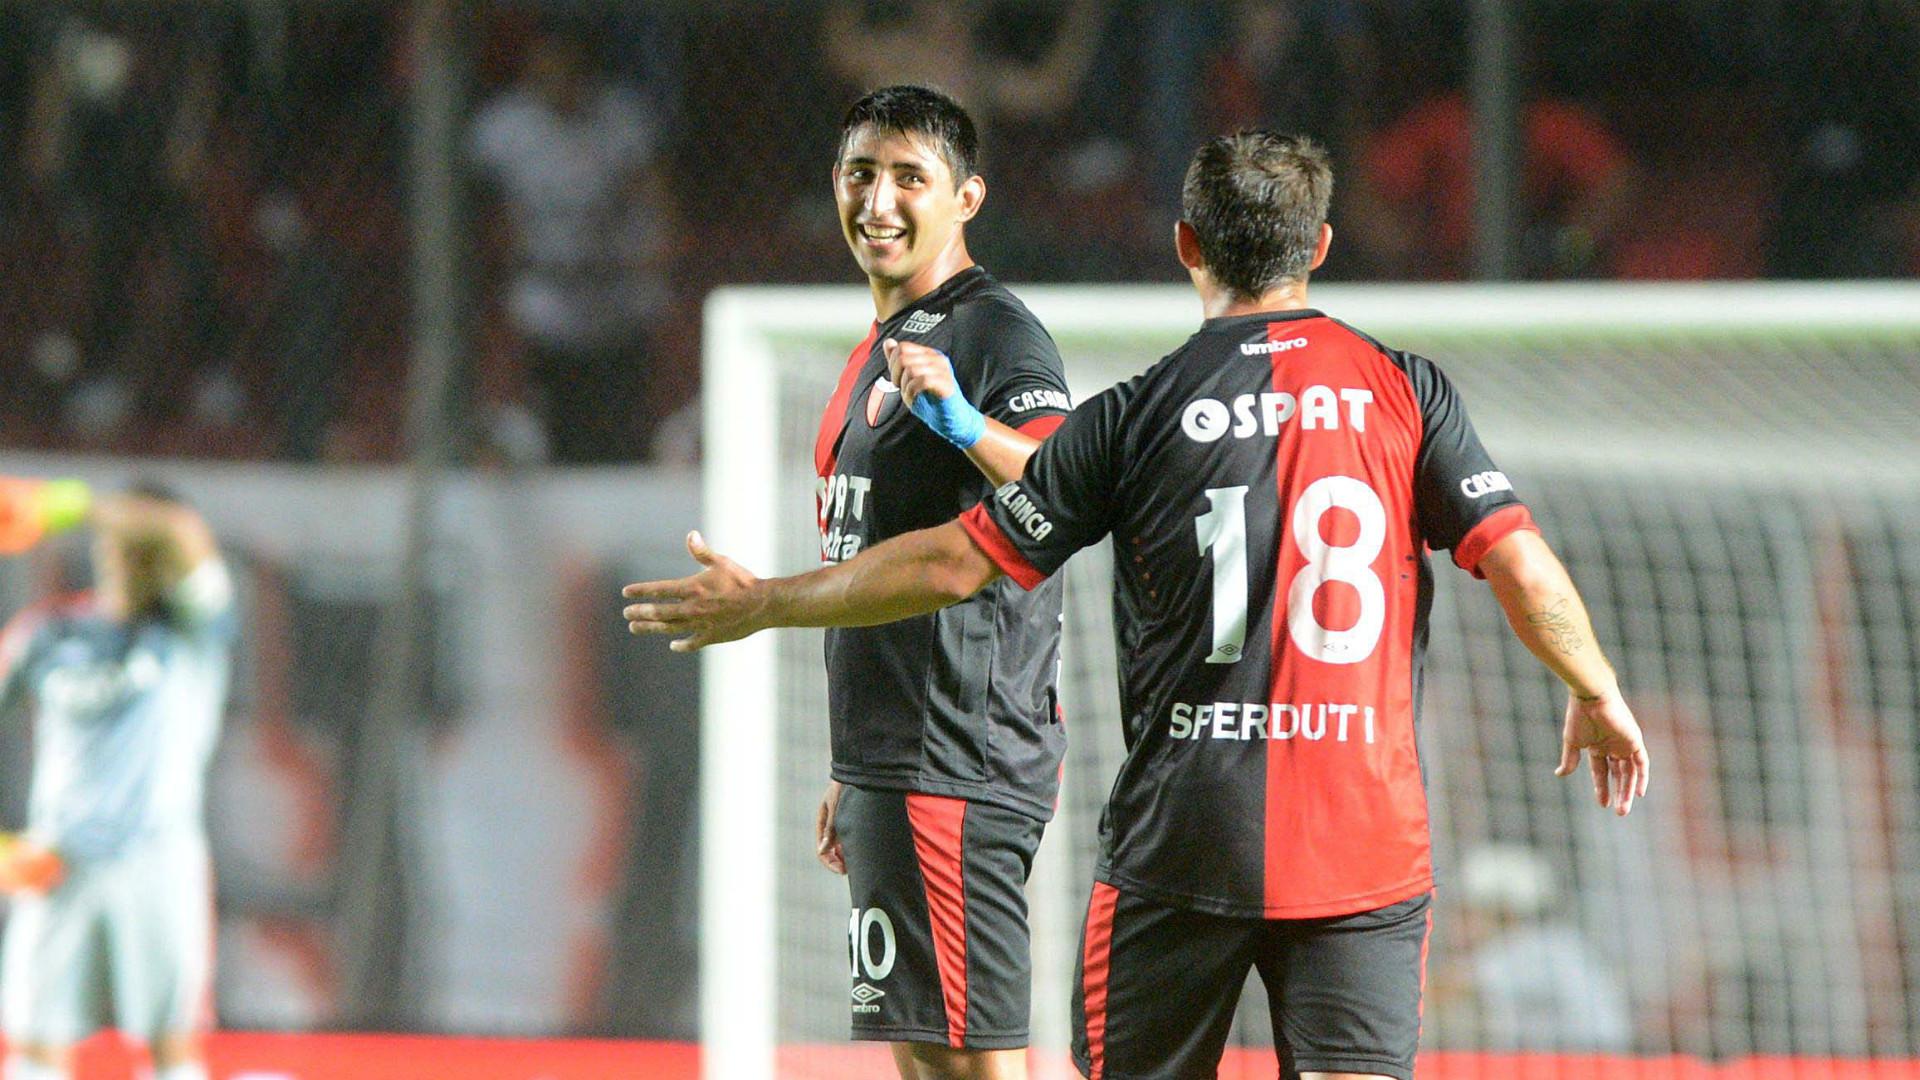 Alan Ruiz Mauricio Sperdutti Colon River Plate Primera Division Argentina 120316